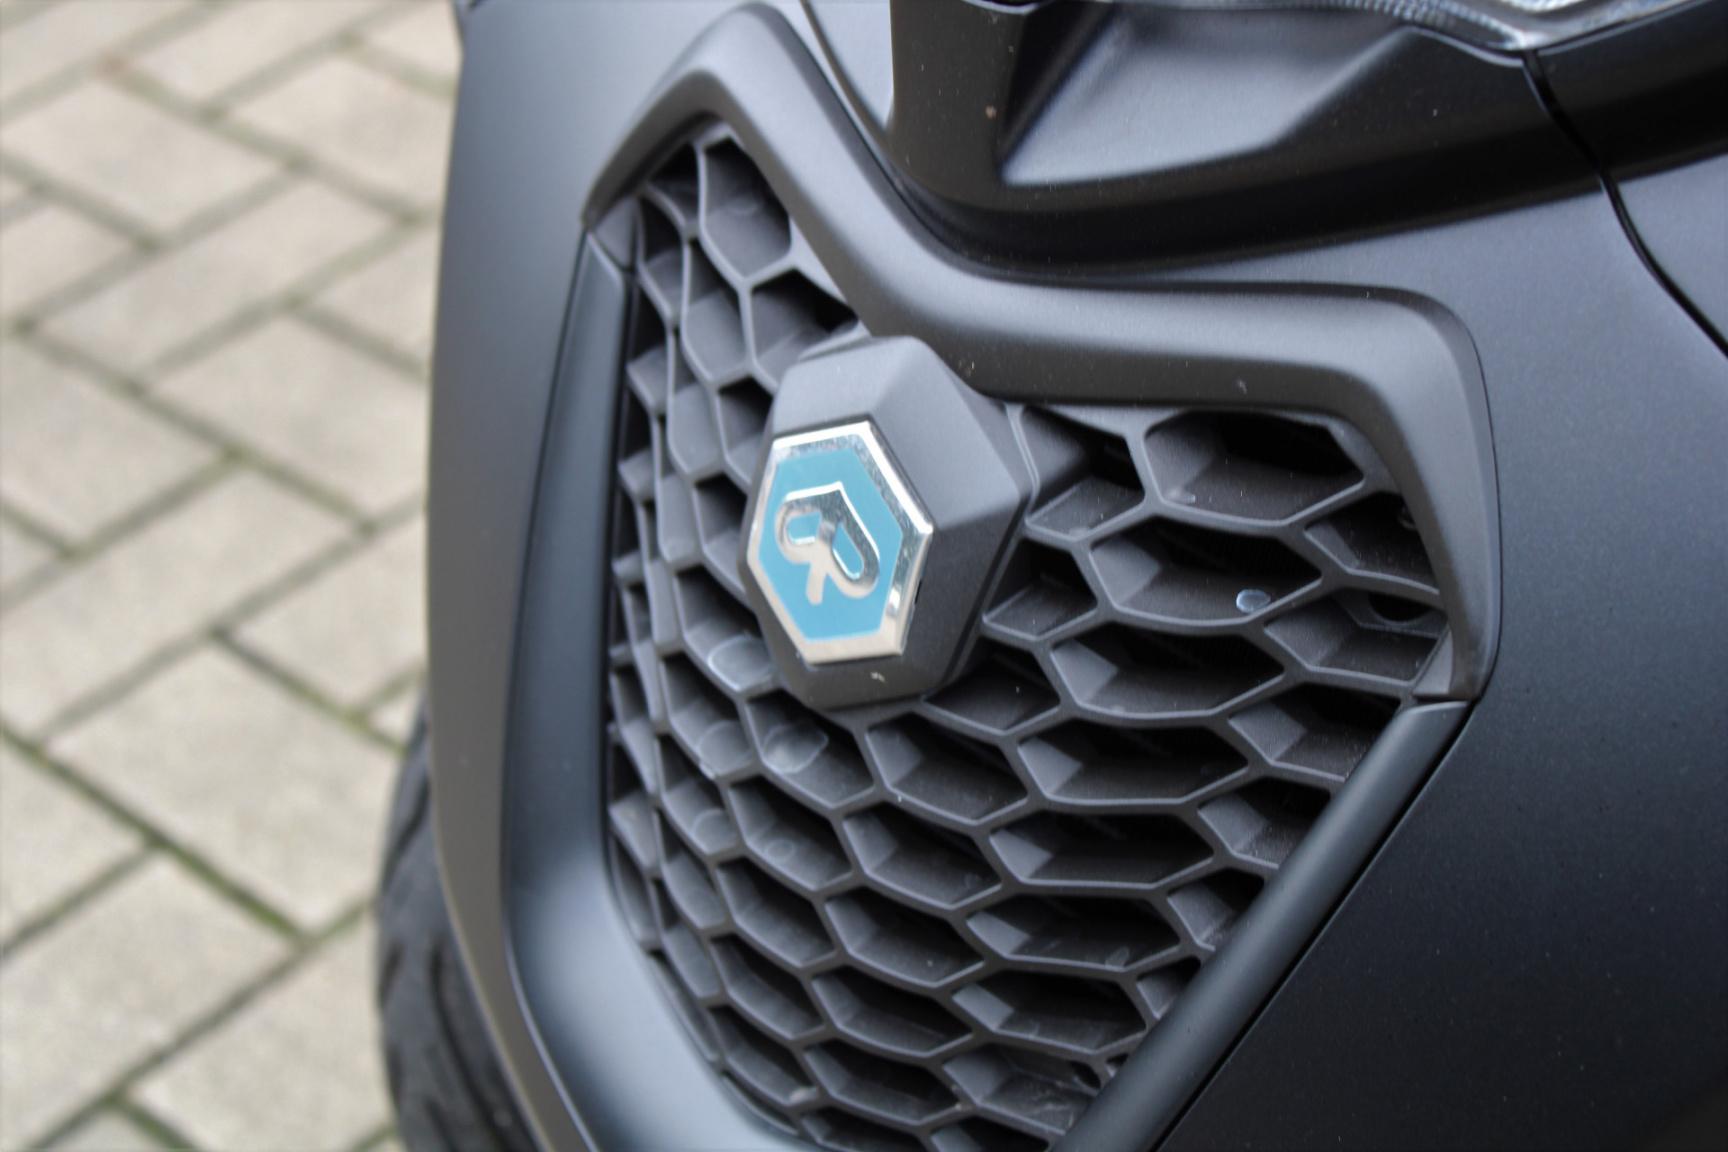 Piaggio-500 MP3 HPE Sport 4678KM Bouwjaar 2020-10